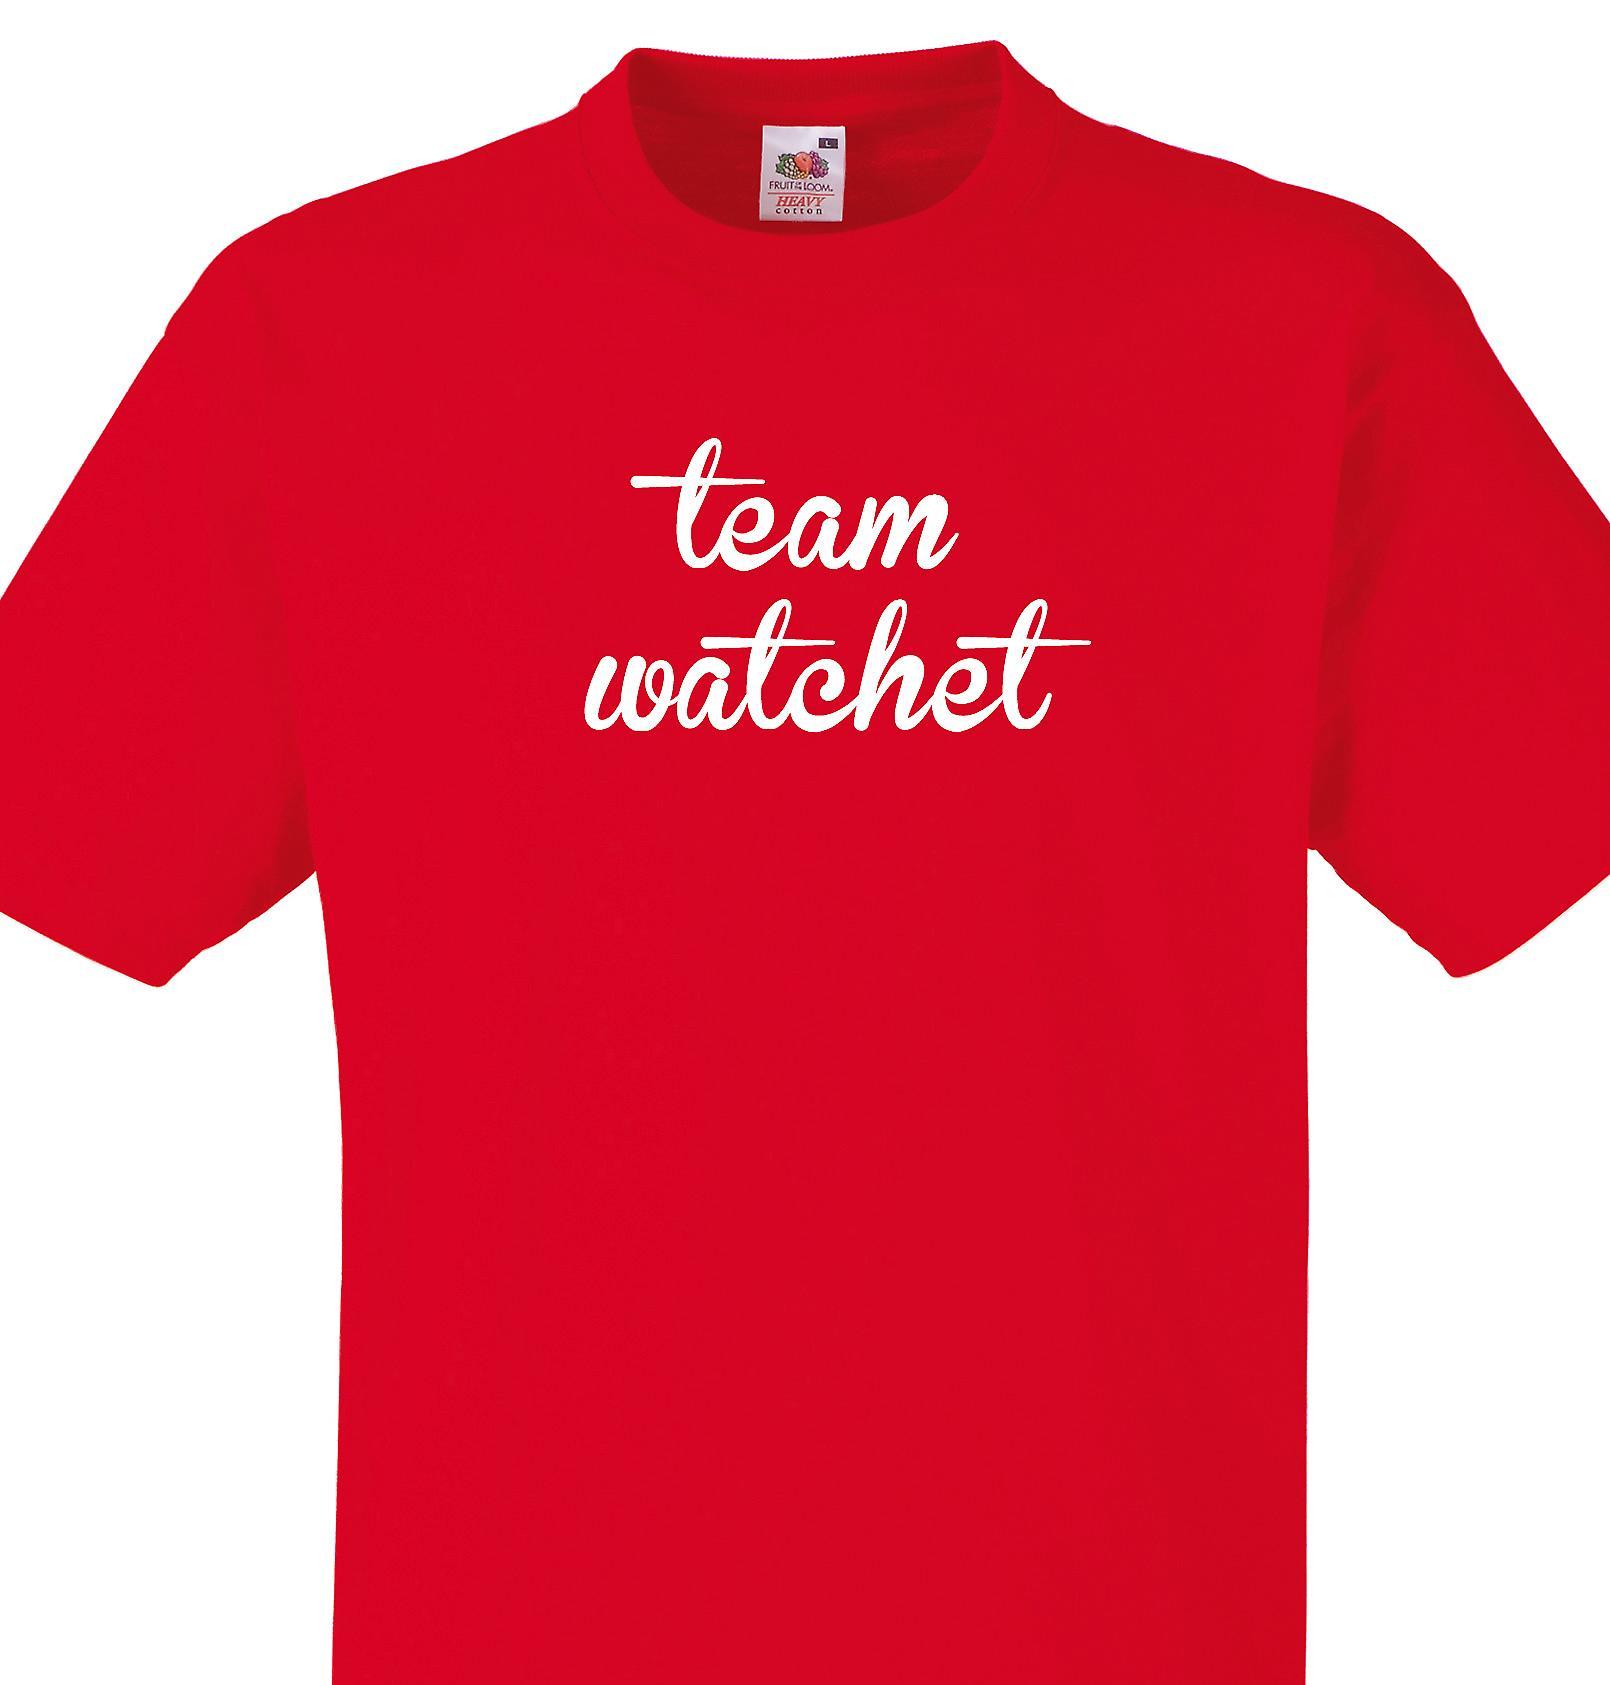 Team Watchet Red T shirt